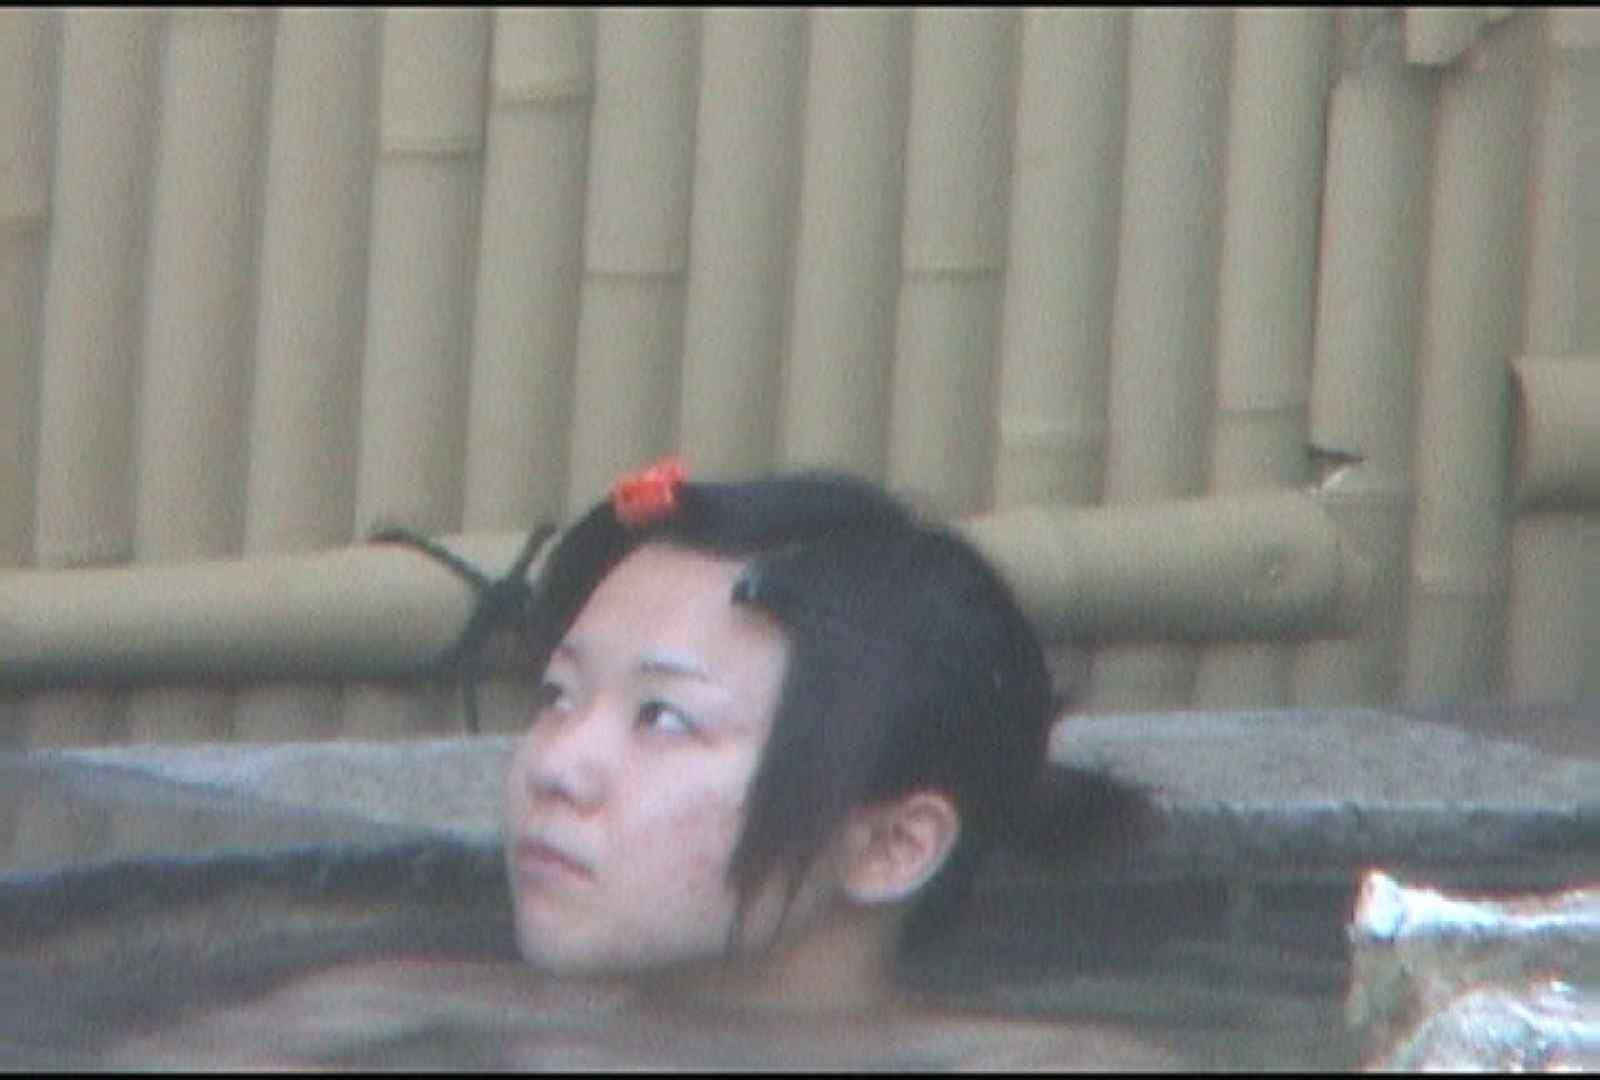 Aquaな露天風呂Vol.175 盗撮シリーズ  91PIX 52